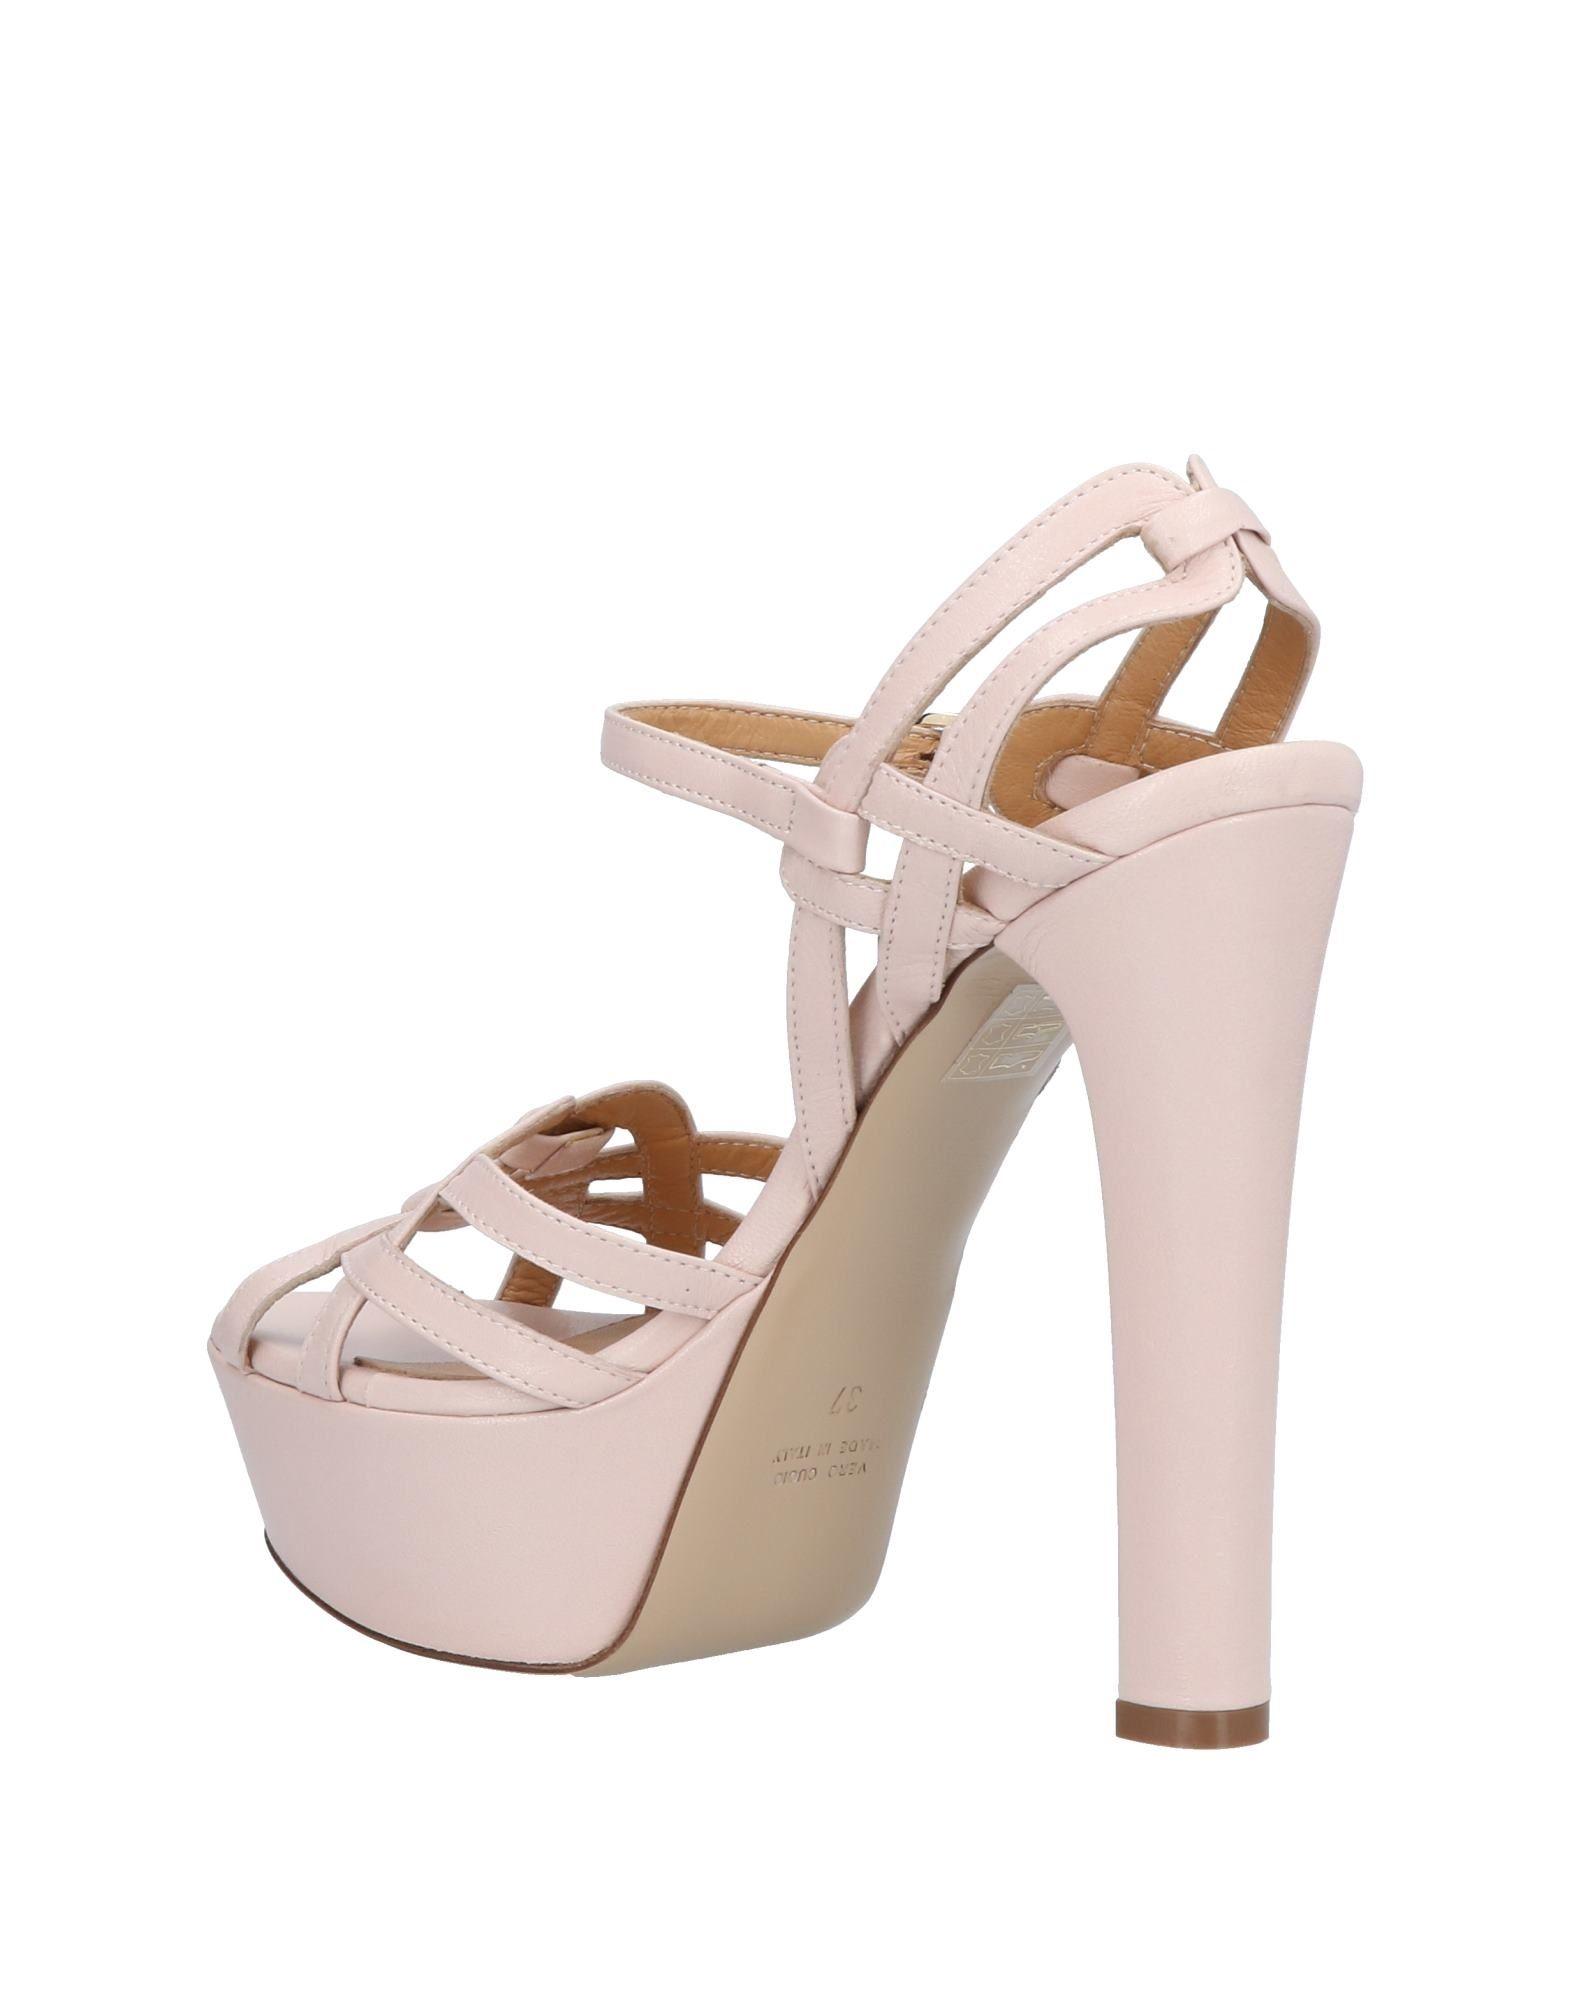 isabelle paris sandales paris - femmes isabelle paris sandales 11455789ot sandales en ligne le royaume - uni - be7c0a